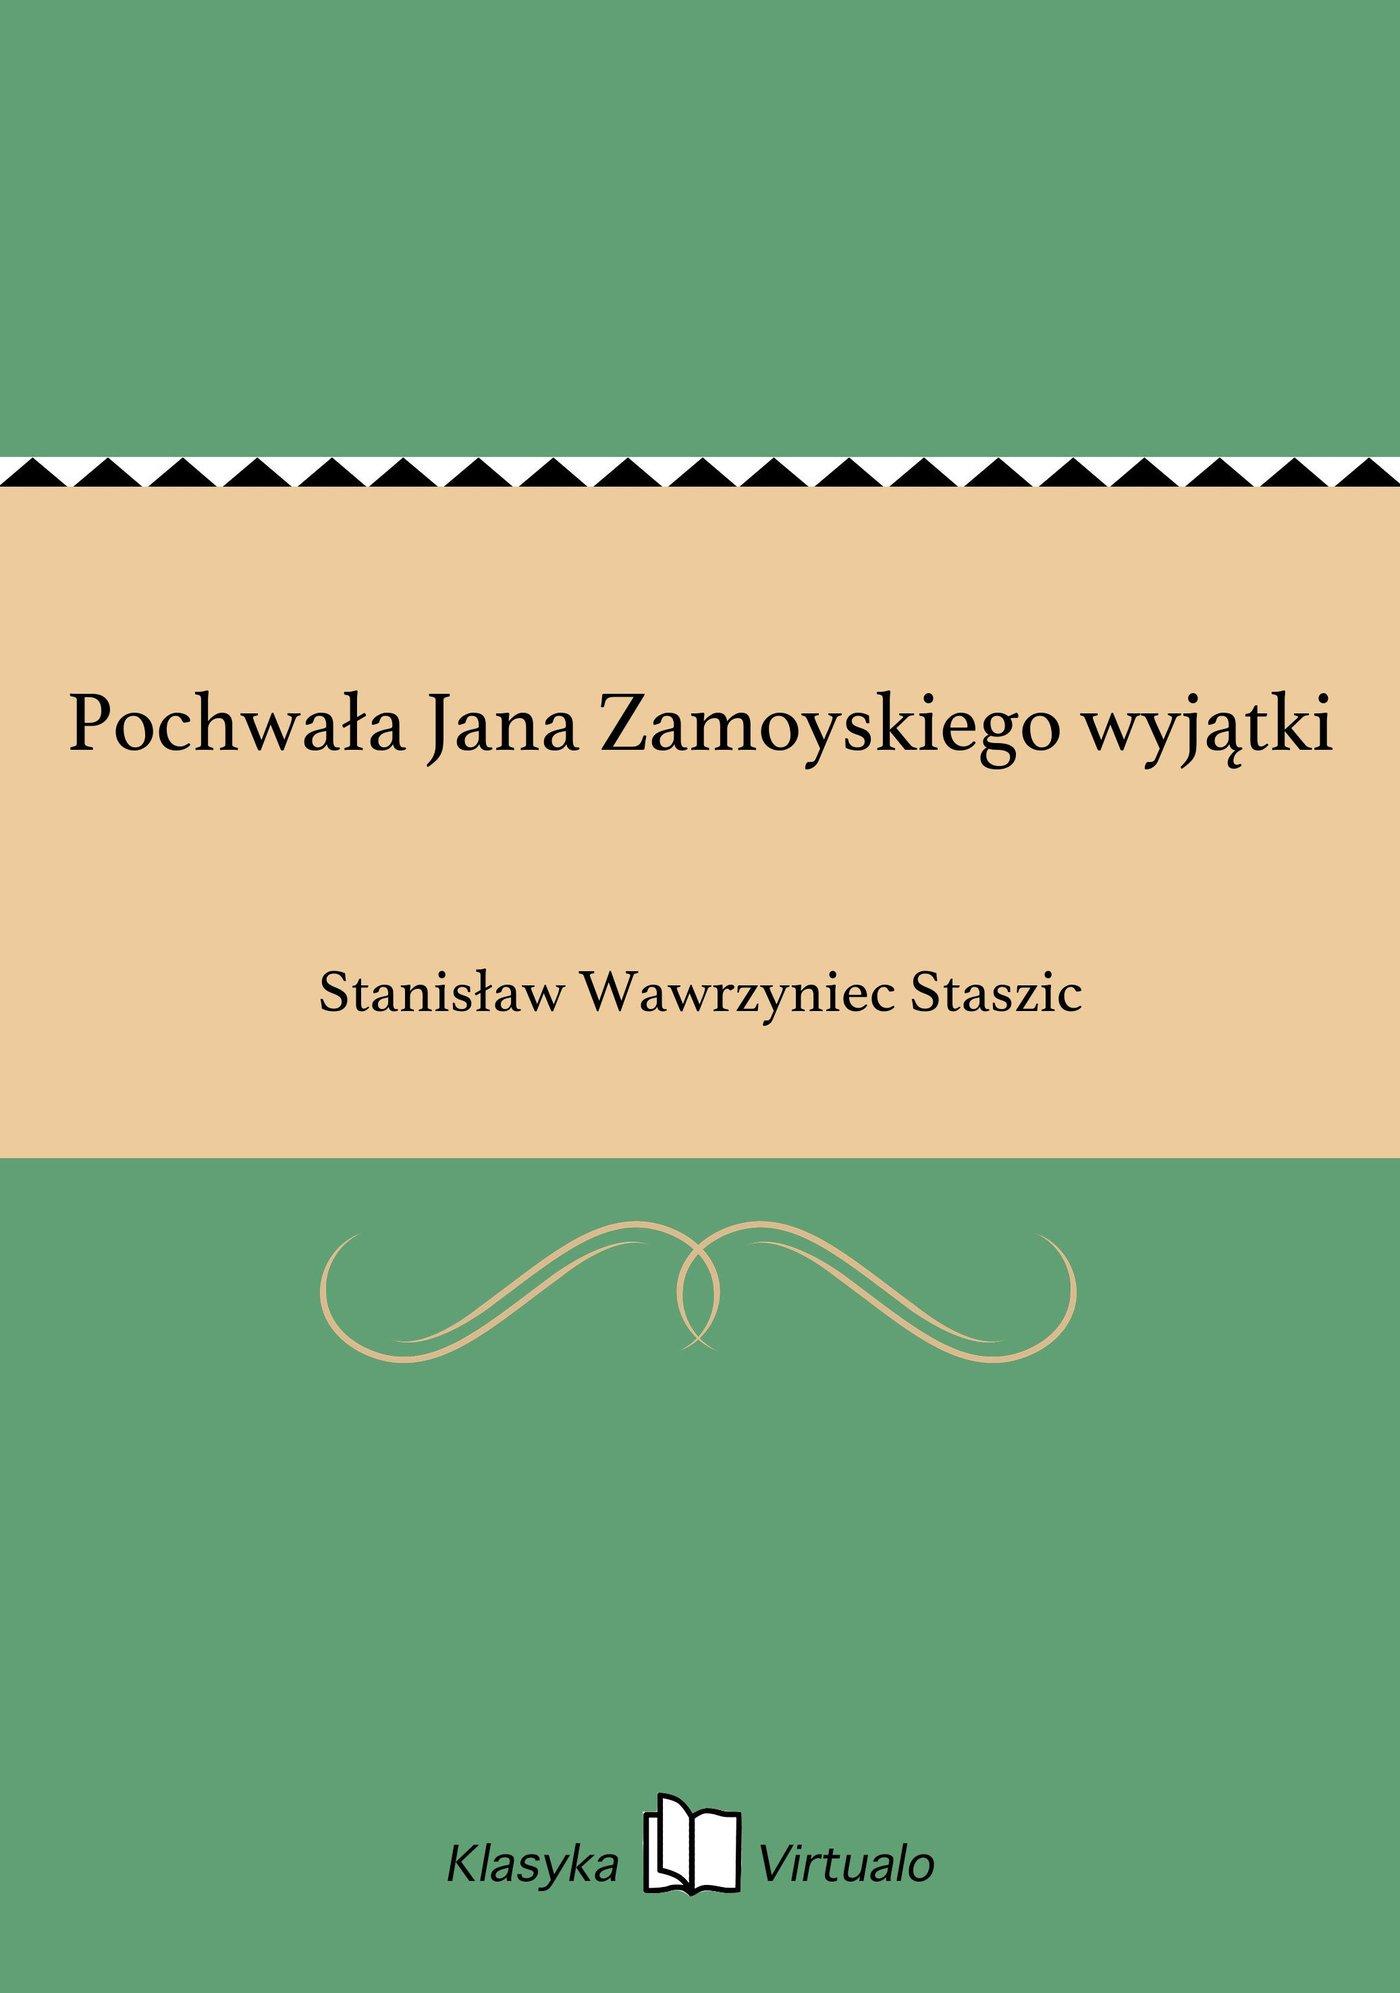 Pochwała Jana Zamoyskiego wyjątki - Ebook (Książka EPUB) do pobrania w formacie EPUB